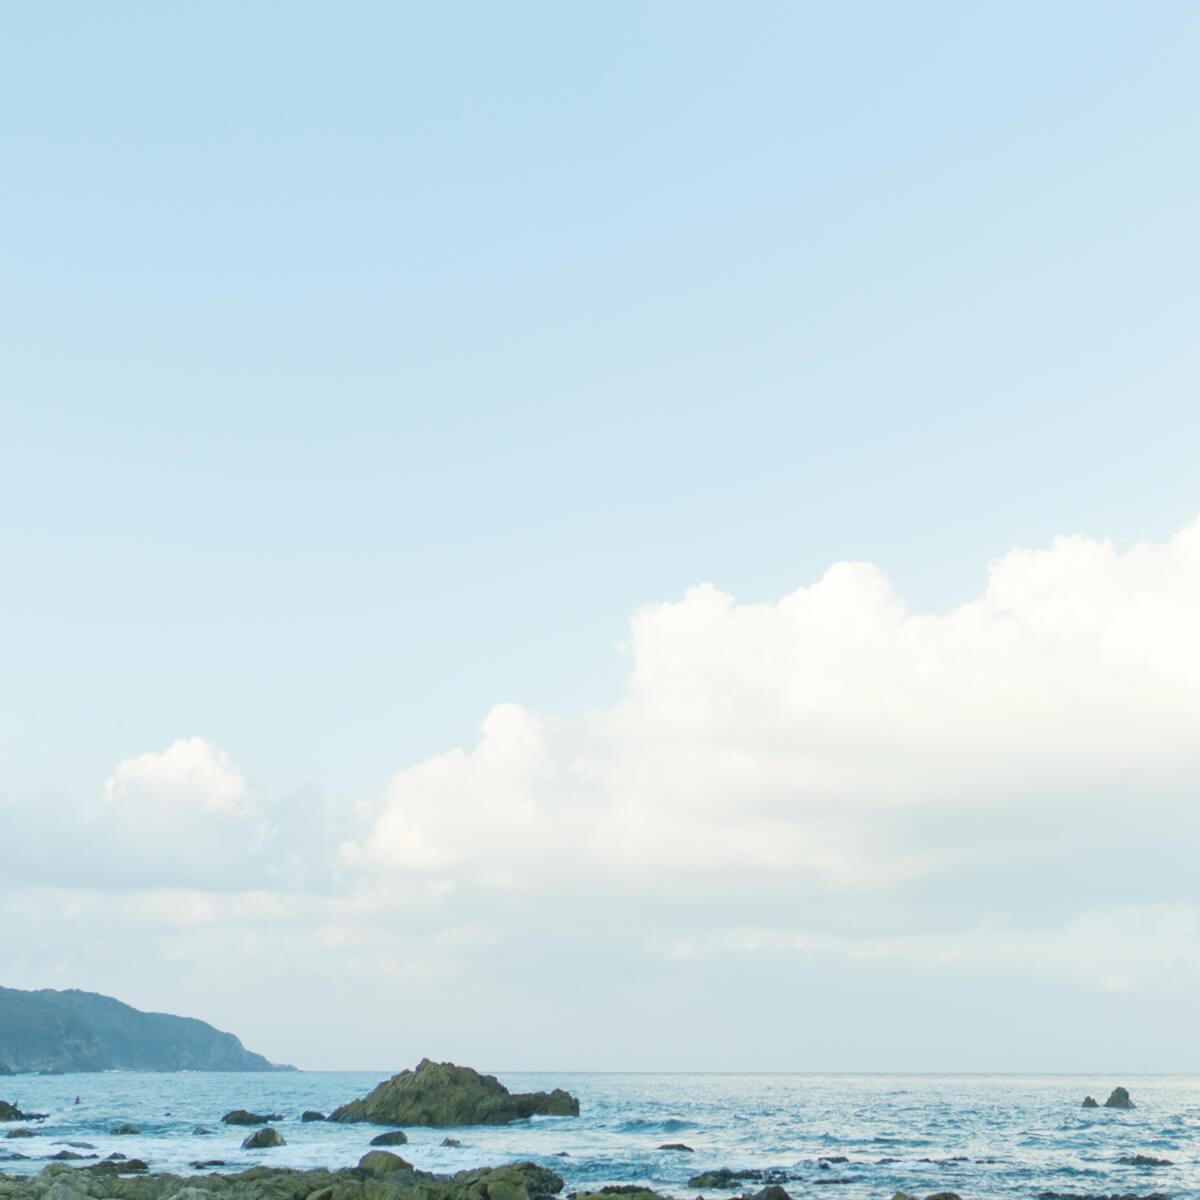 屋久島の海、空 屋久島海とジュエリー 屋久島でつくる結婚指輪